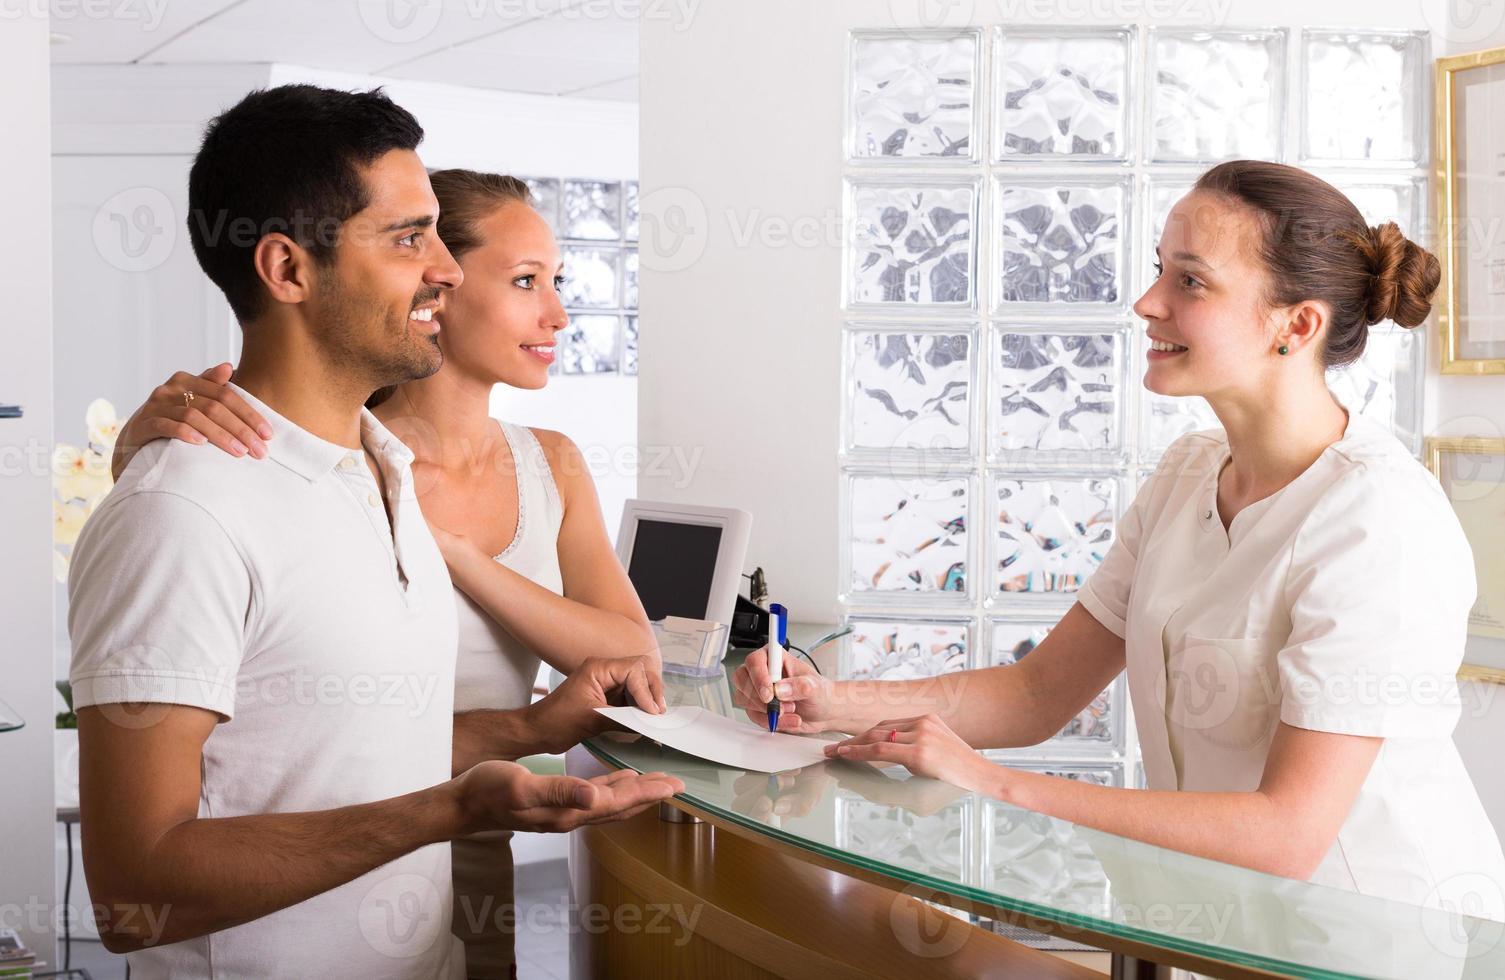 coppia con receptionist presso la clinica foto